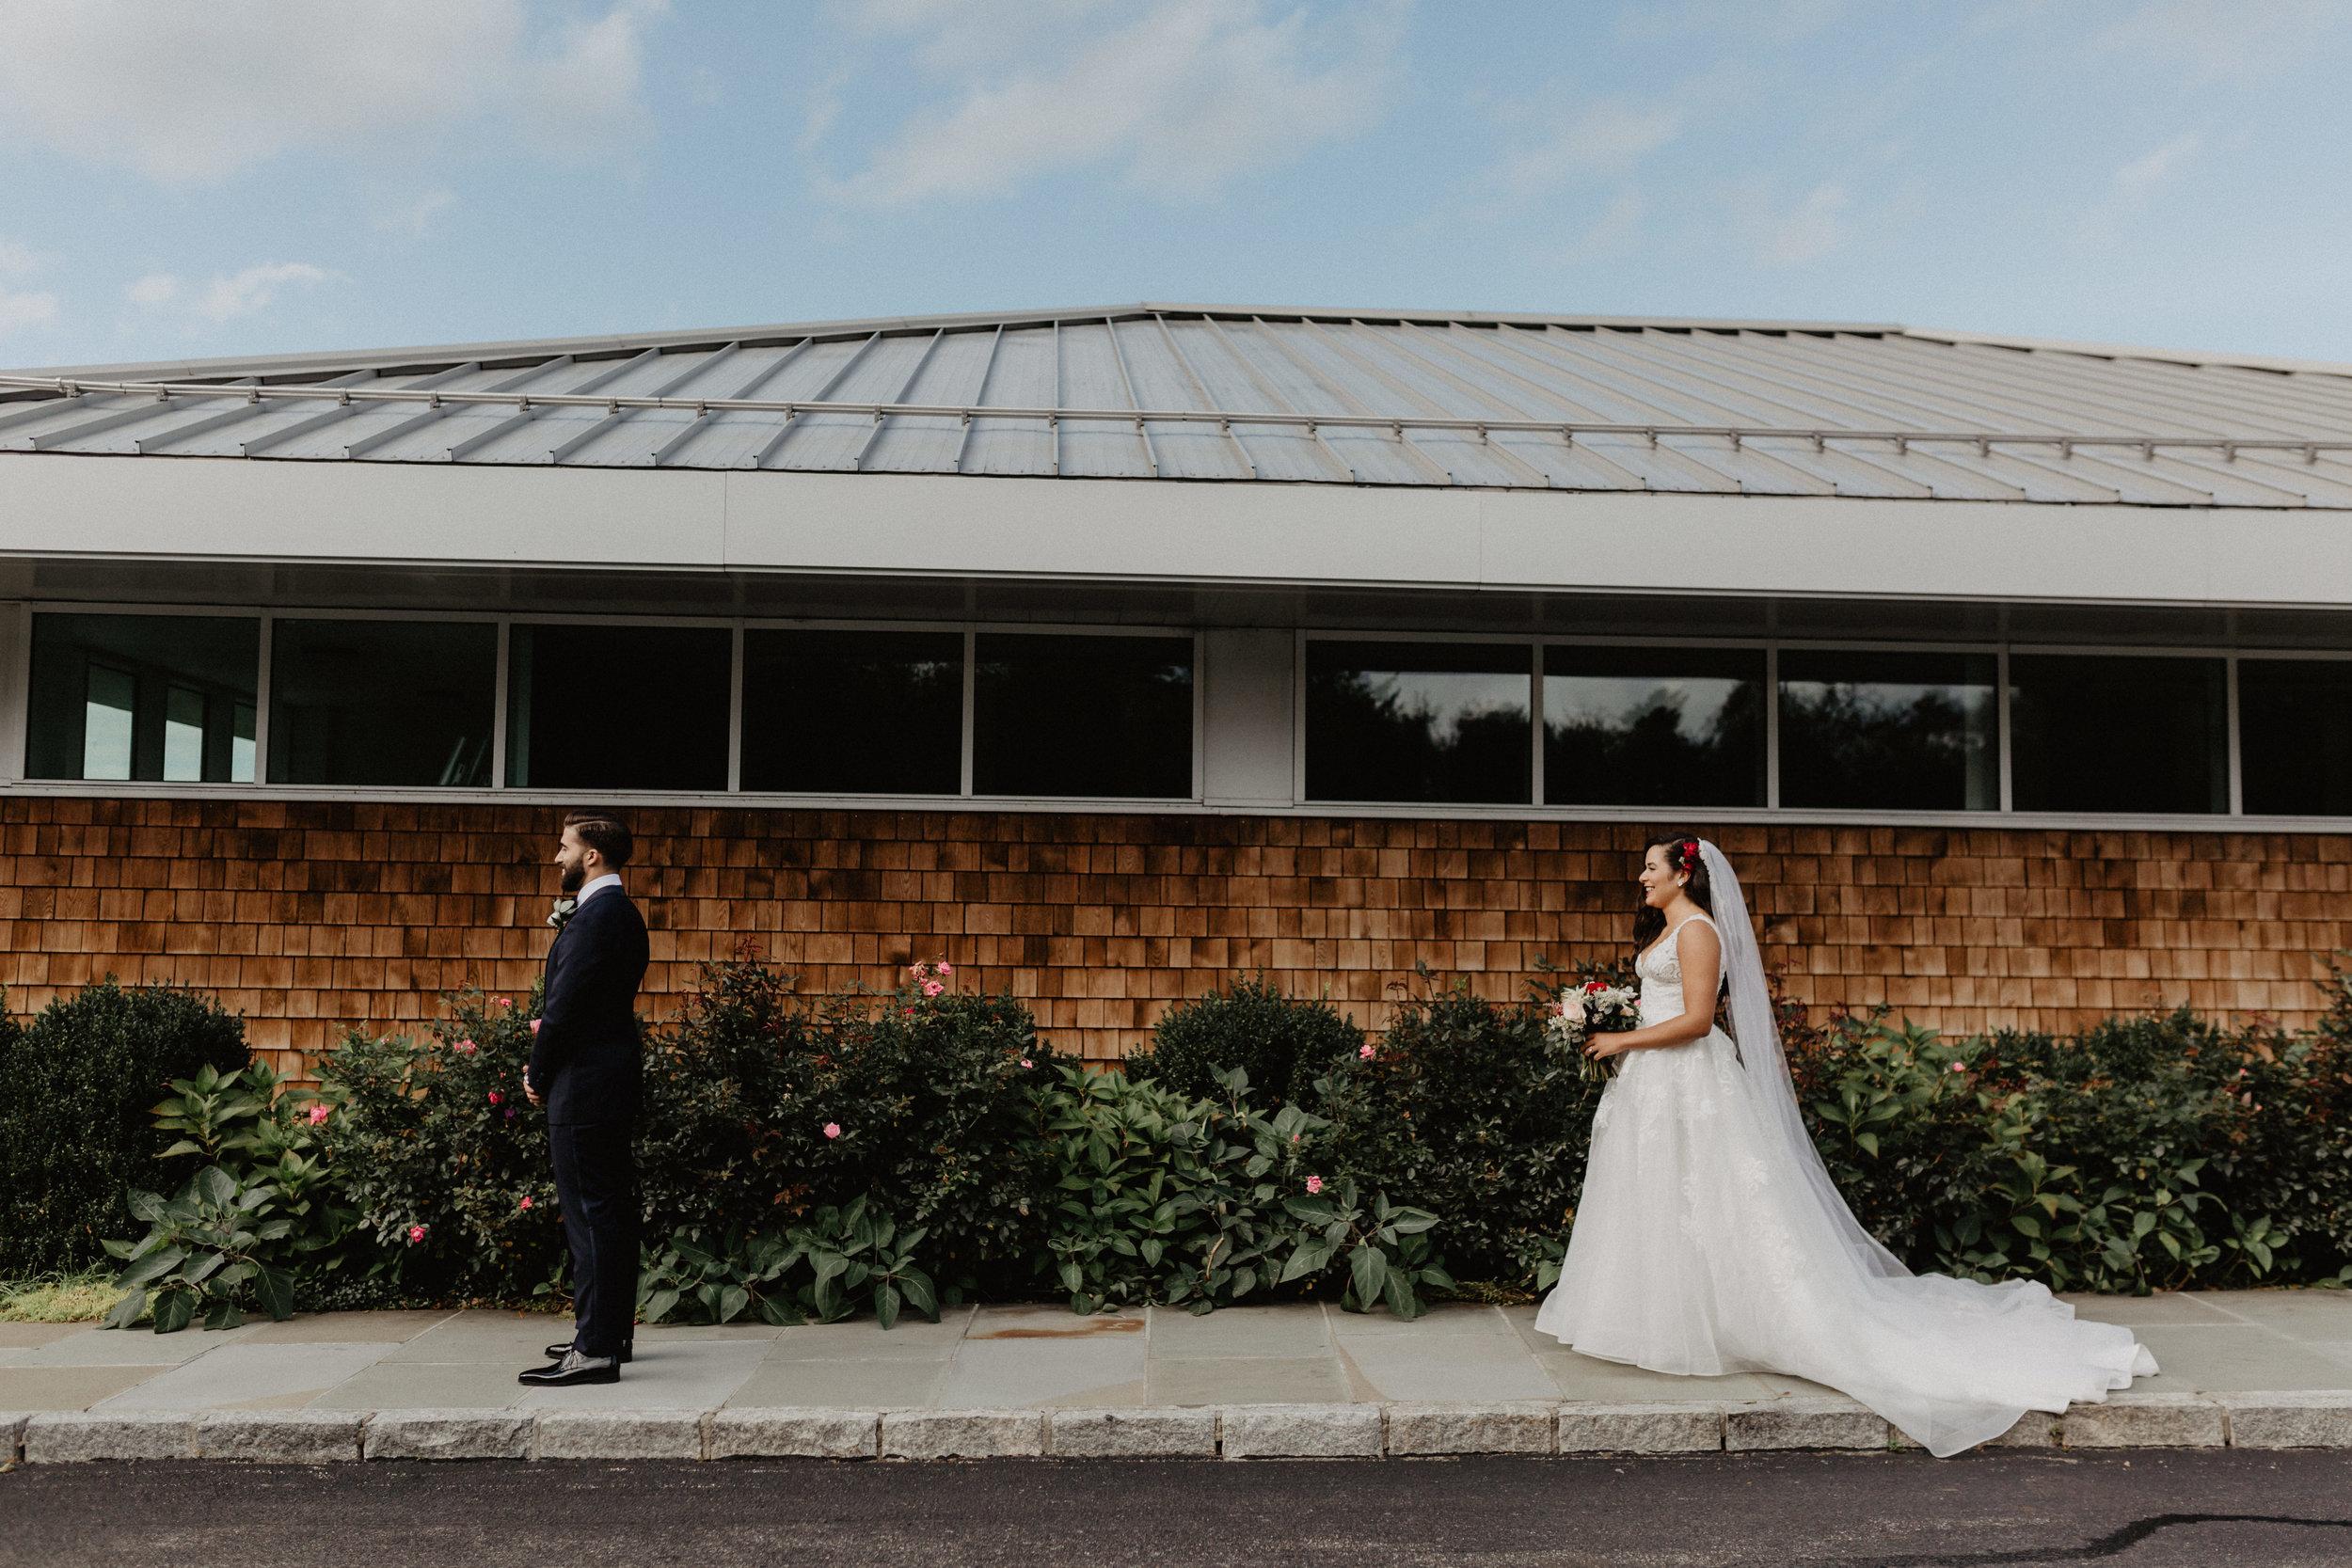 garrison_wedding_photos_028.jpg